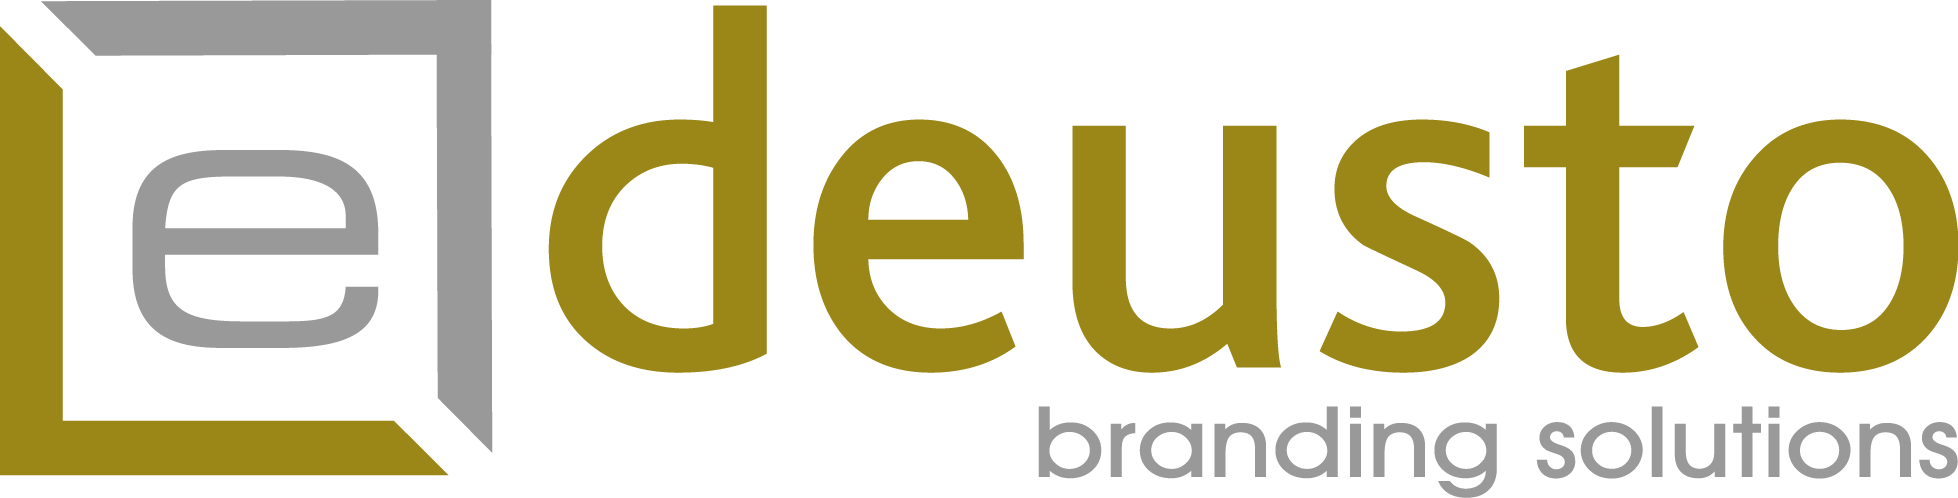 edeusto-logo